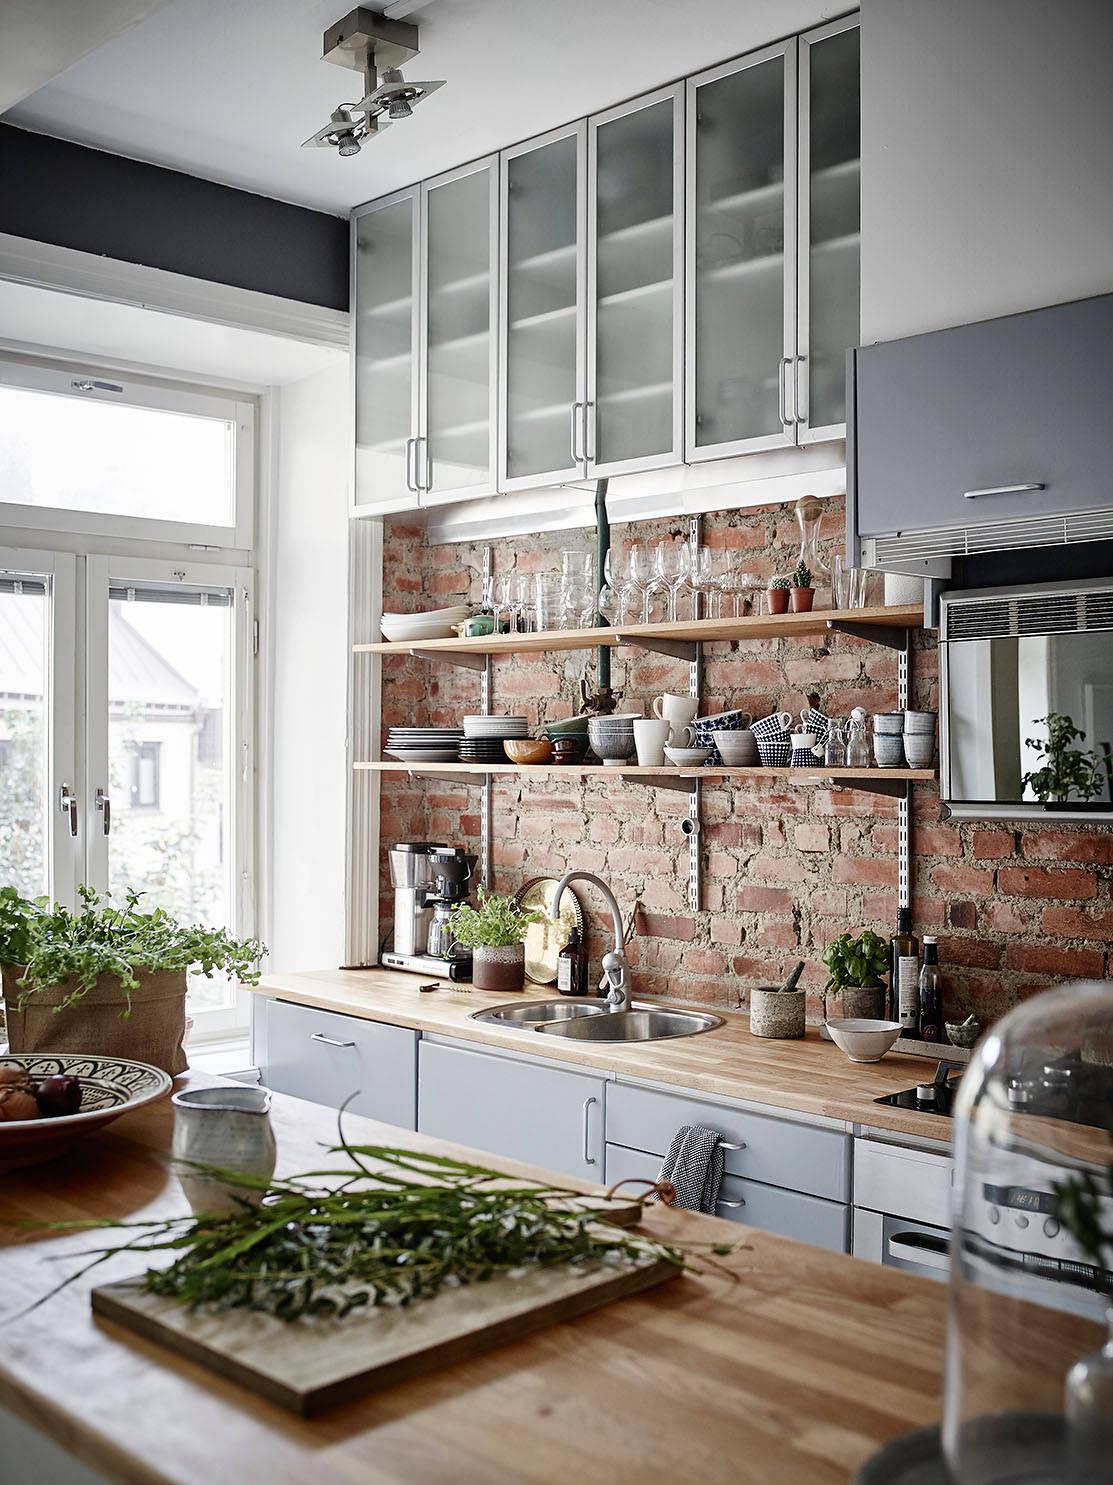 E-interjeras.lt & Red brick kitchen backsplash ideas - Viskas apie interjerą